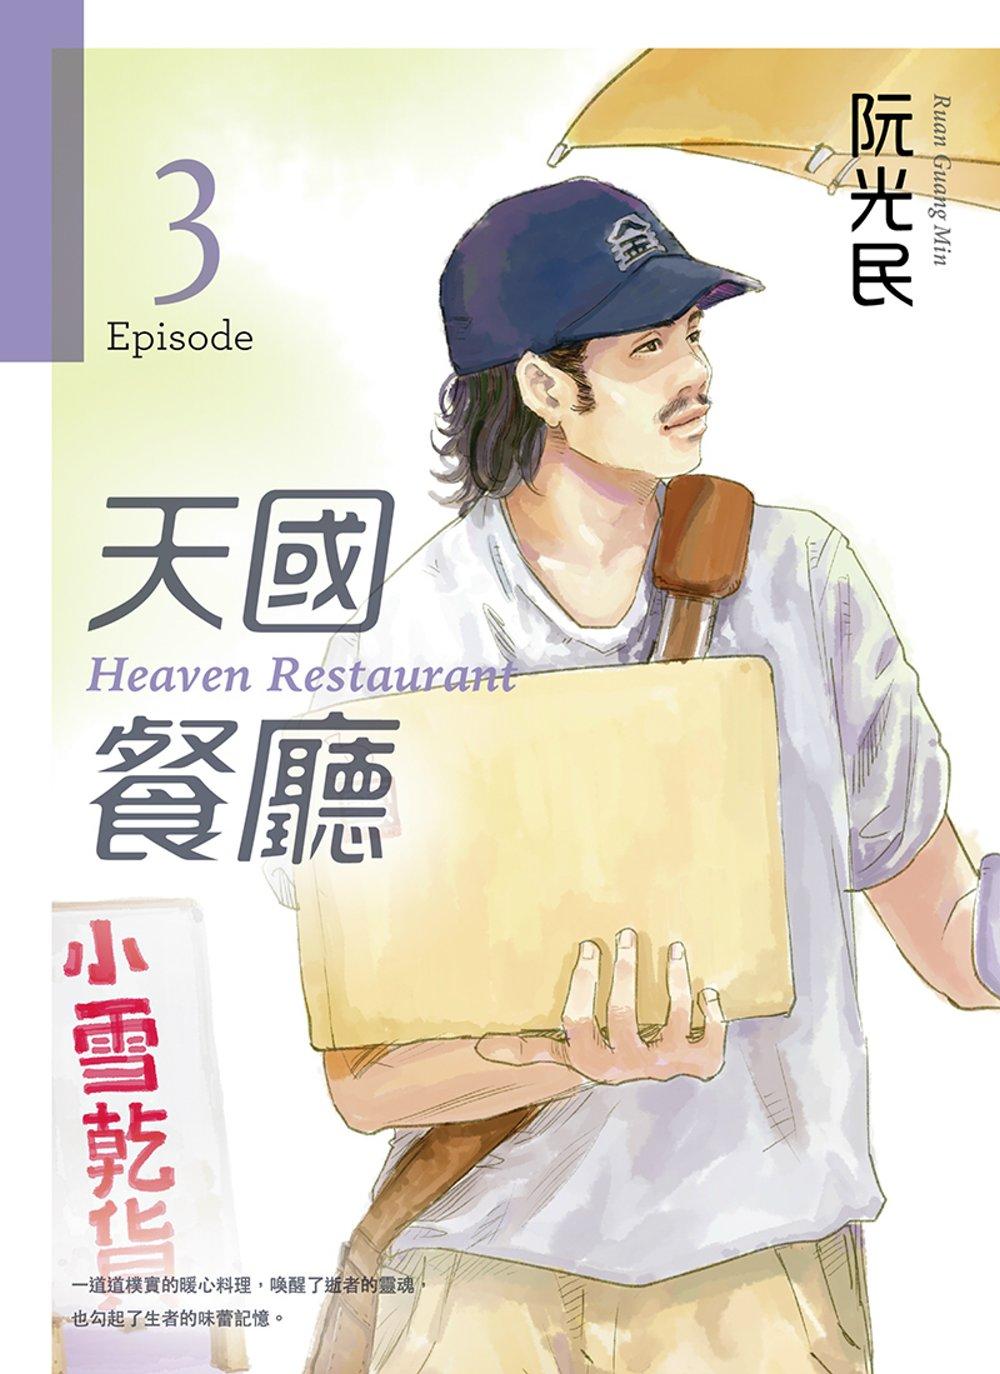 天國餐廳 第三集